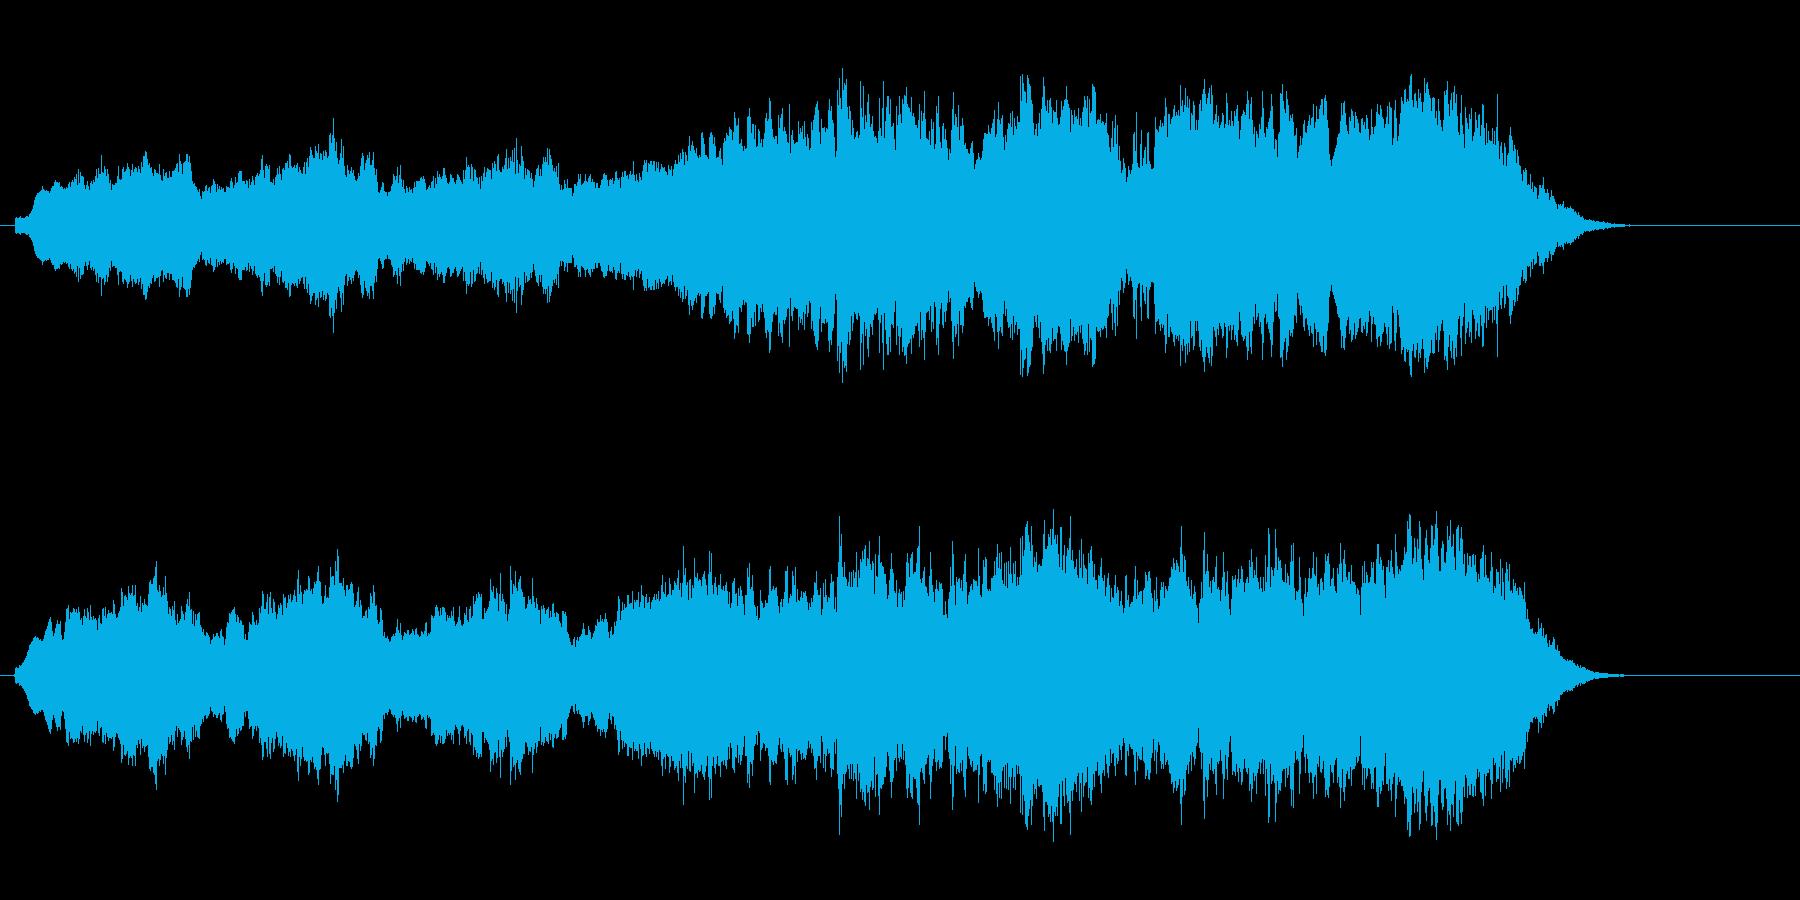 自然の神秘的なネイチャー・アンビエントの再生済みの波形